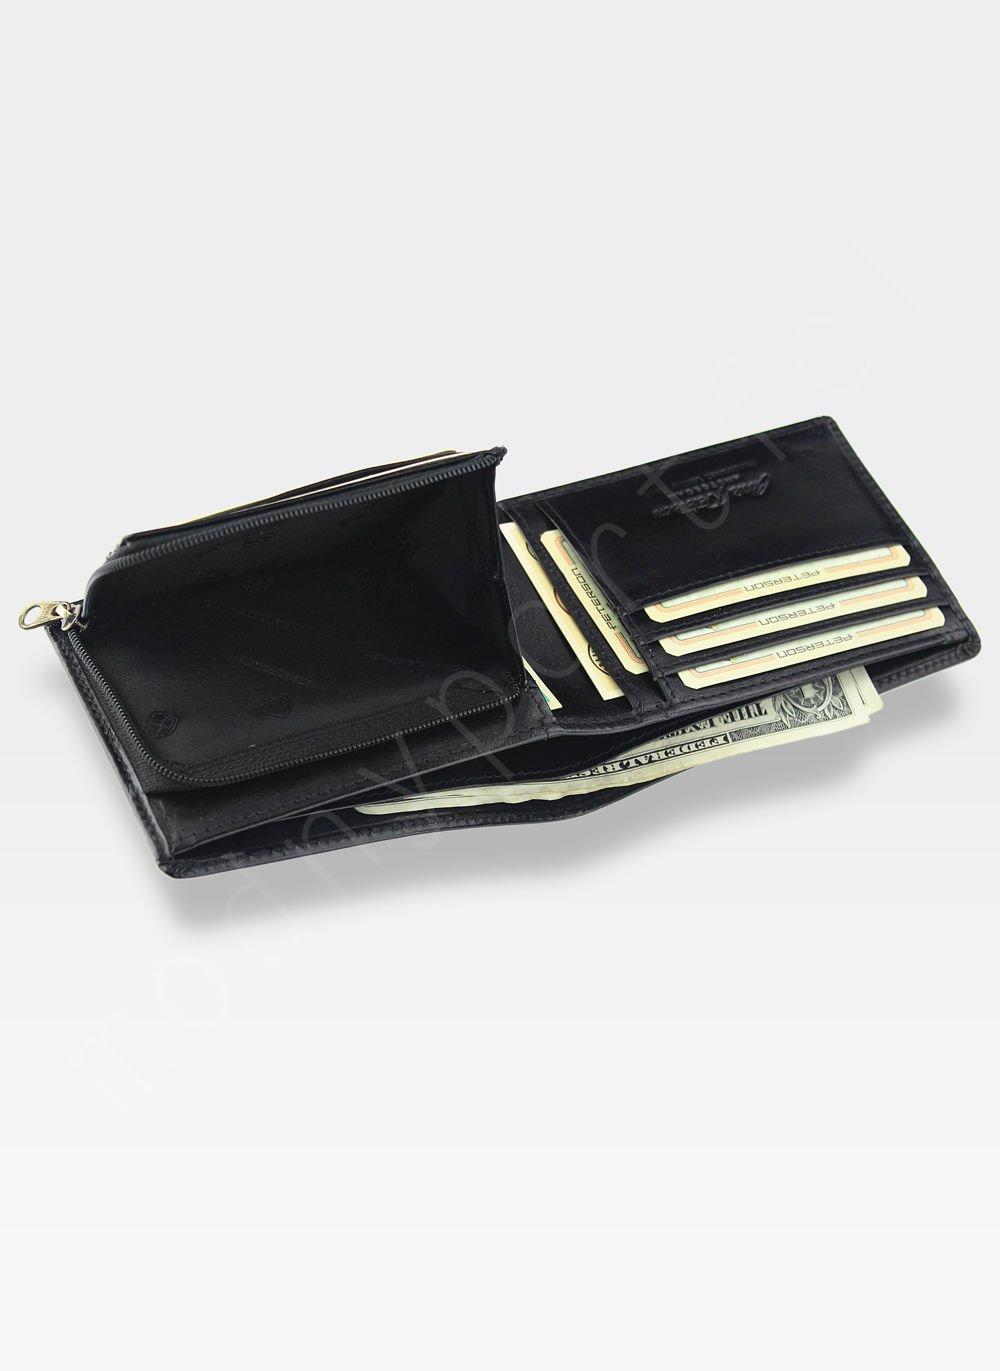 ac4fdb8bdab97 ... Portfel Męski Peterson Skórzany 382 Czarny RFID STOP Kliknij, aby  powiększyć ...